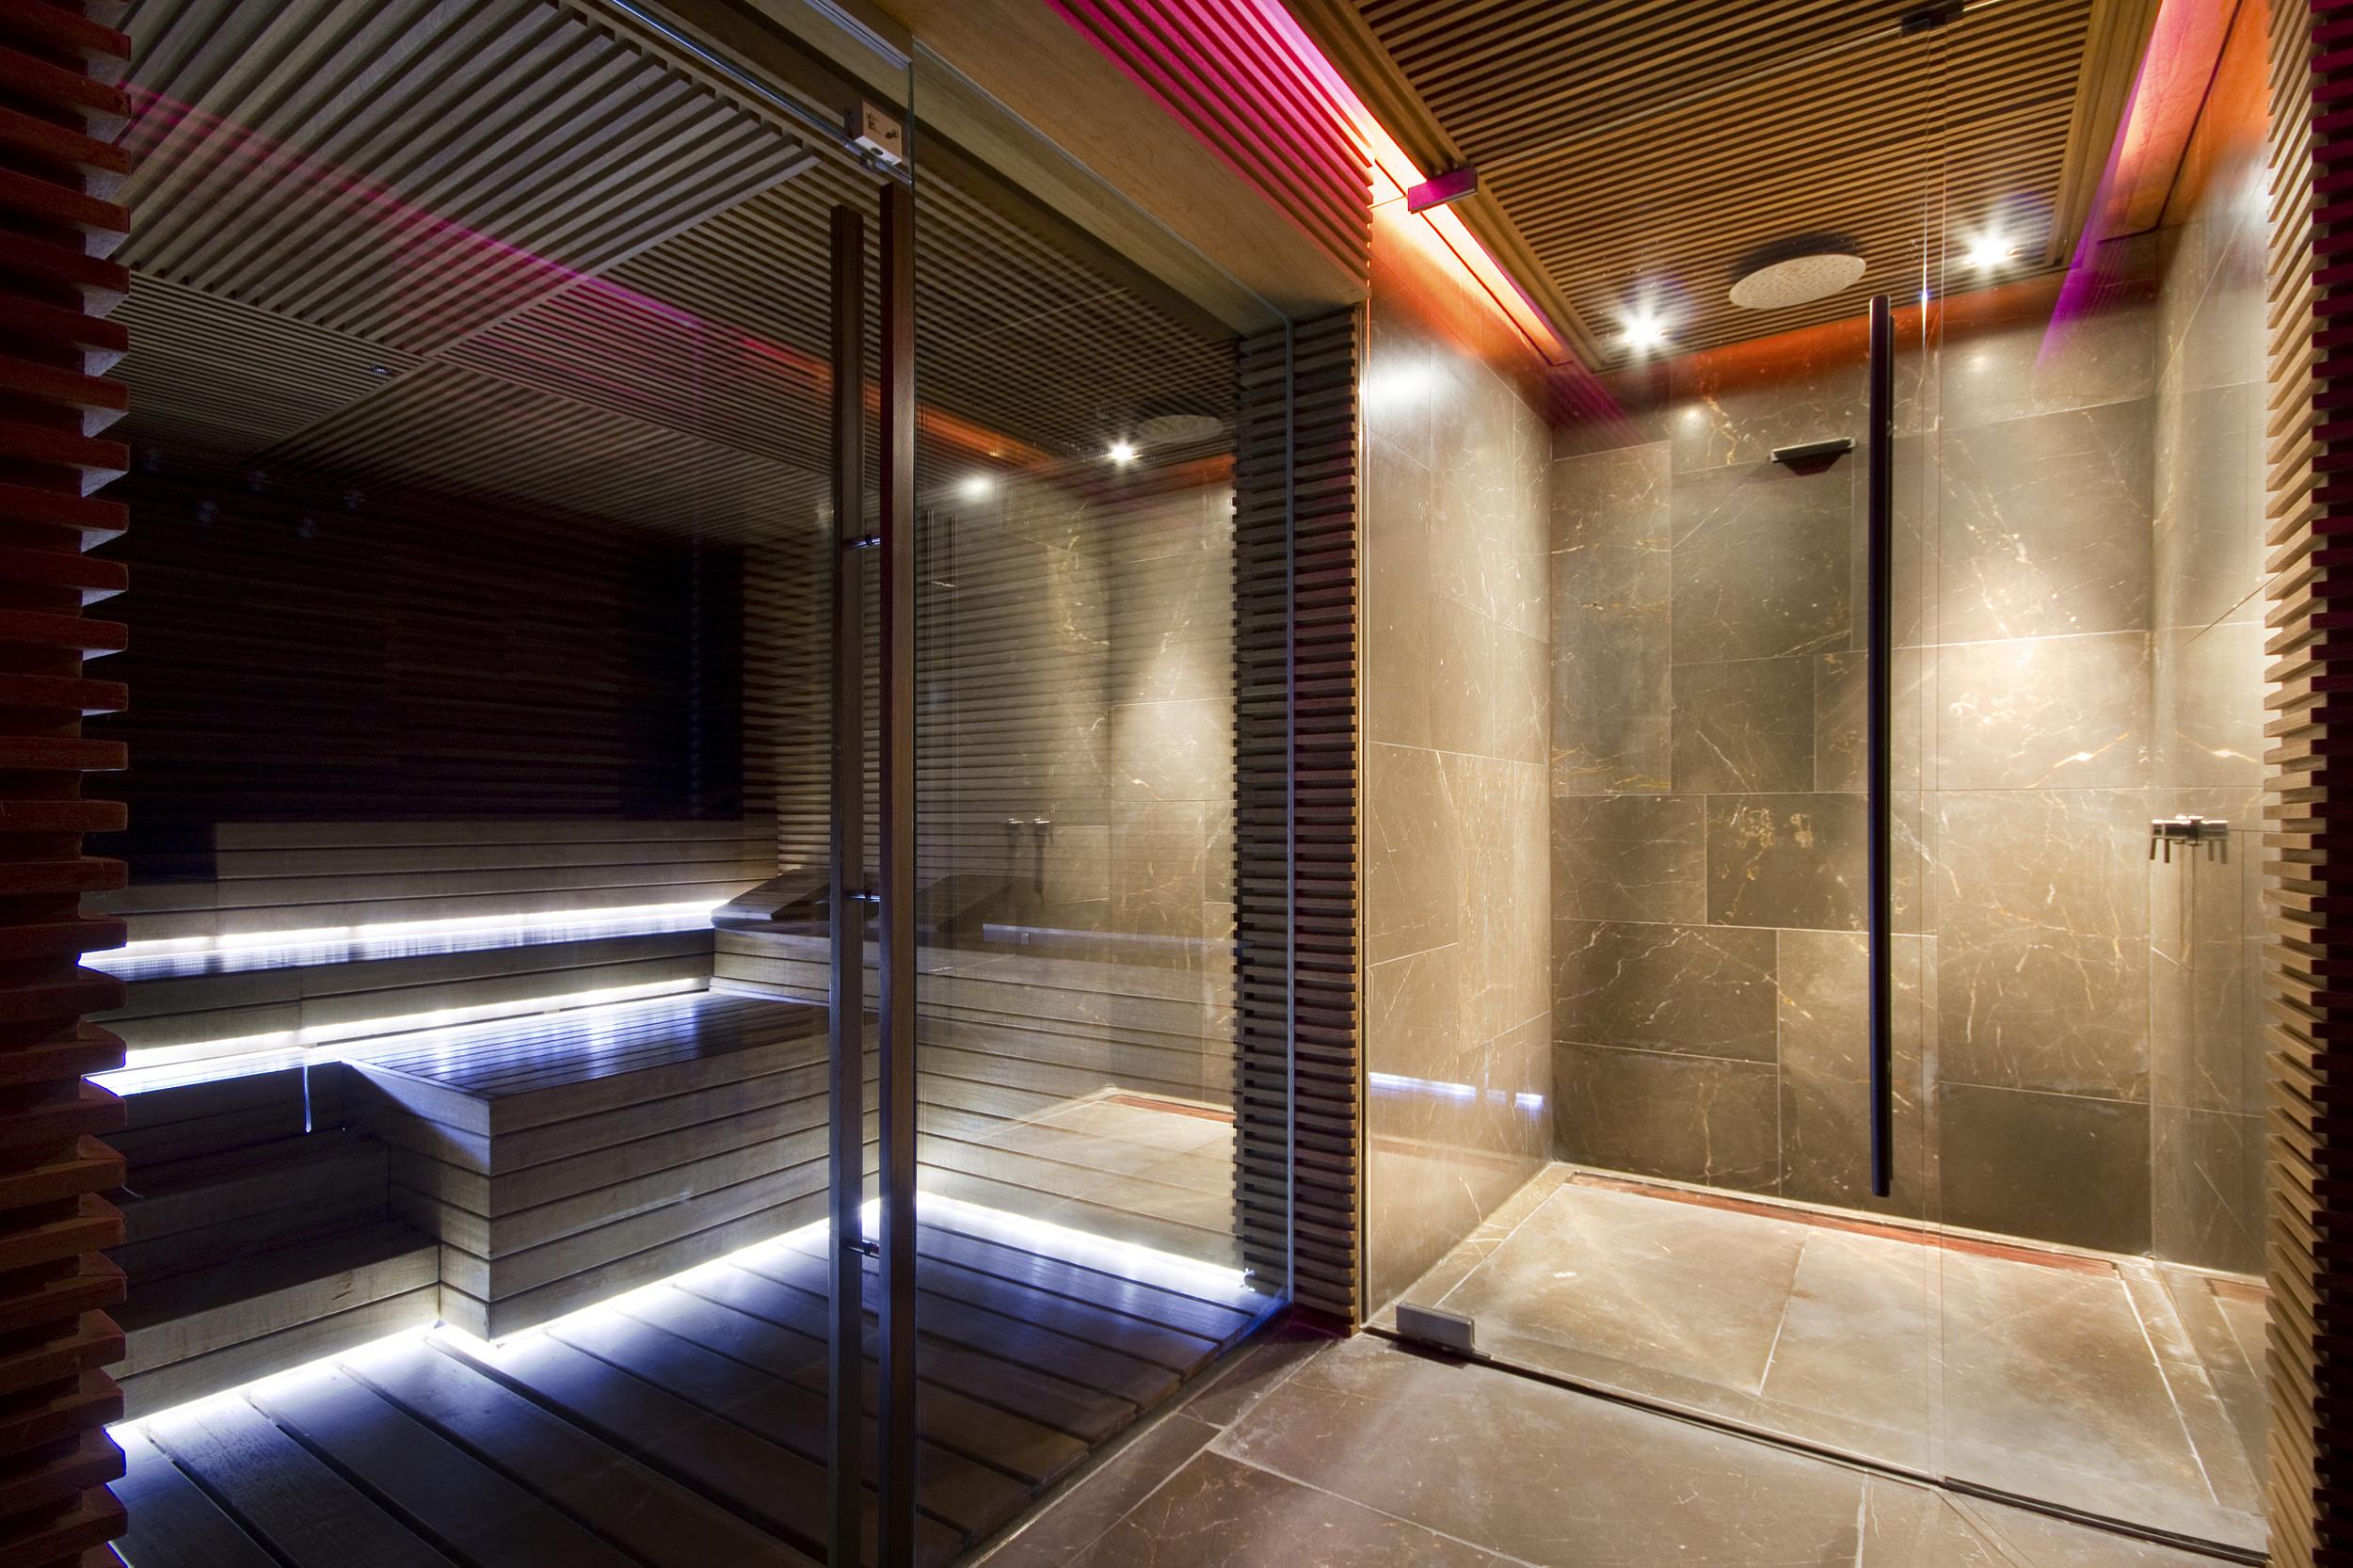 Conservatorium Hotel Amsterdam - sauna and shower.jpg